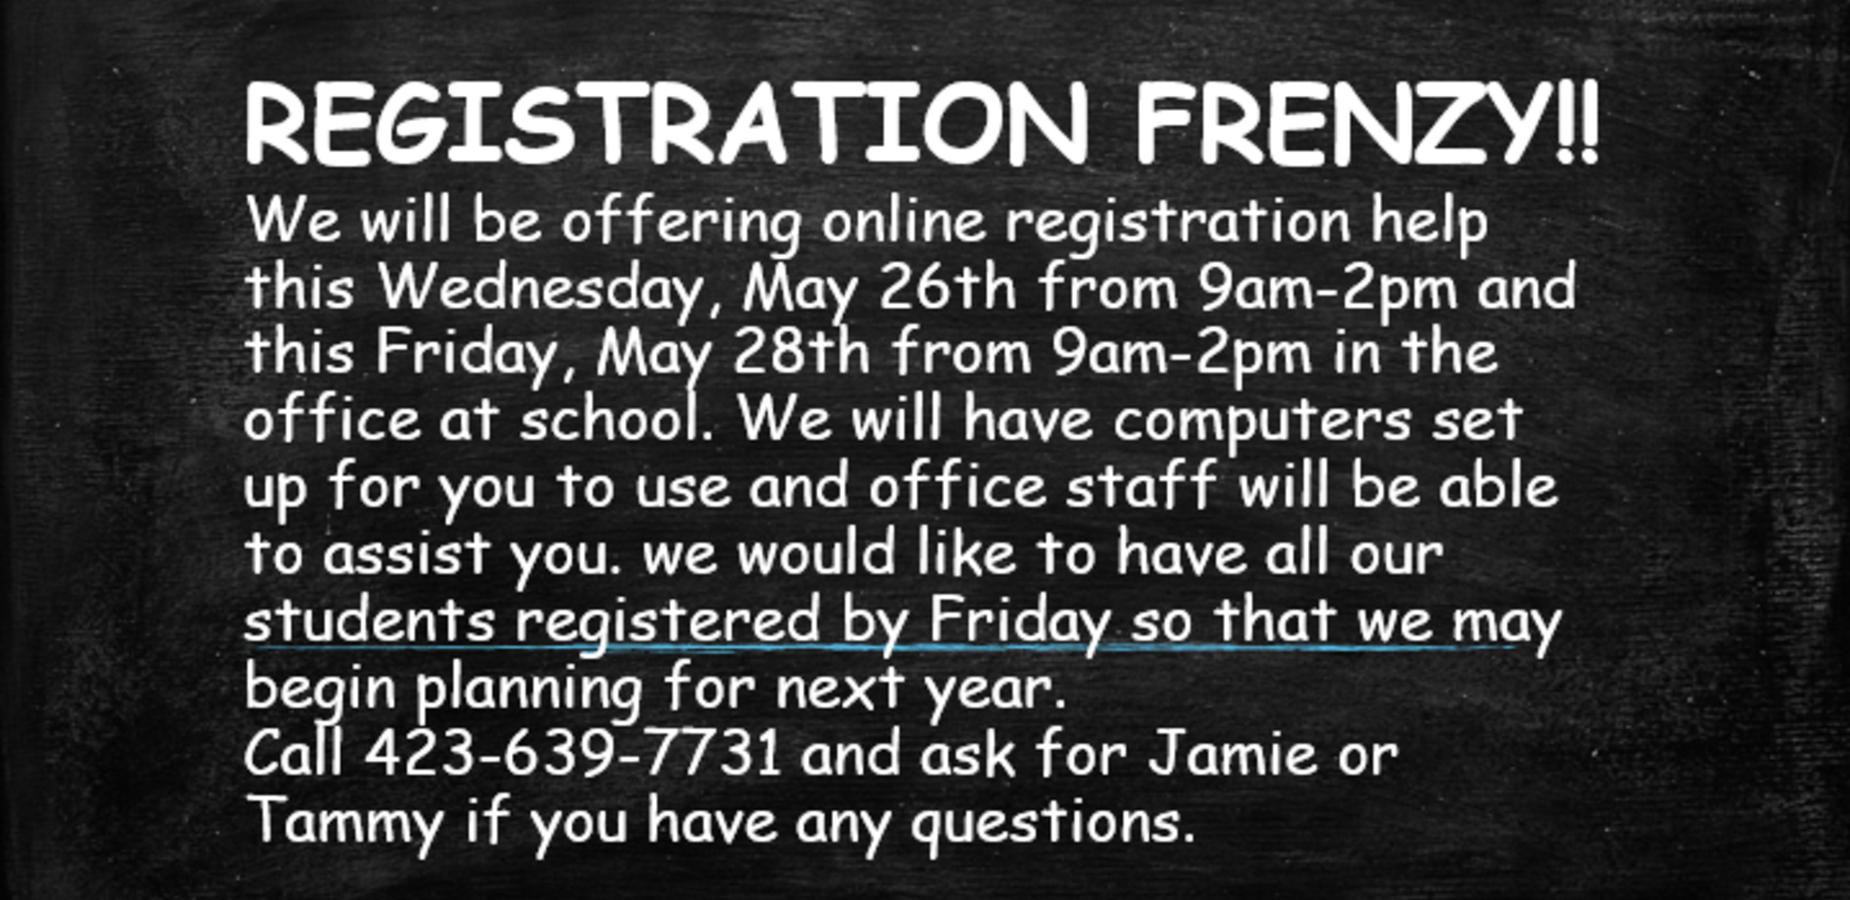 Registration Frenzy!